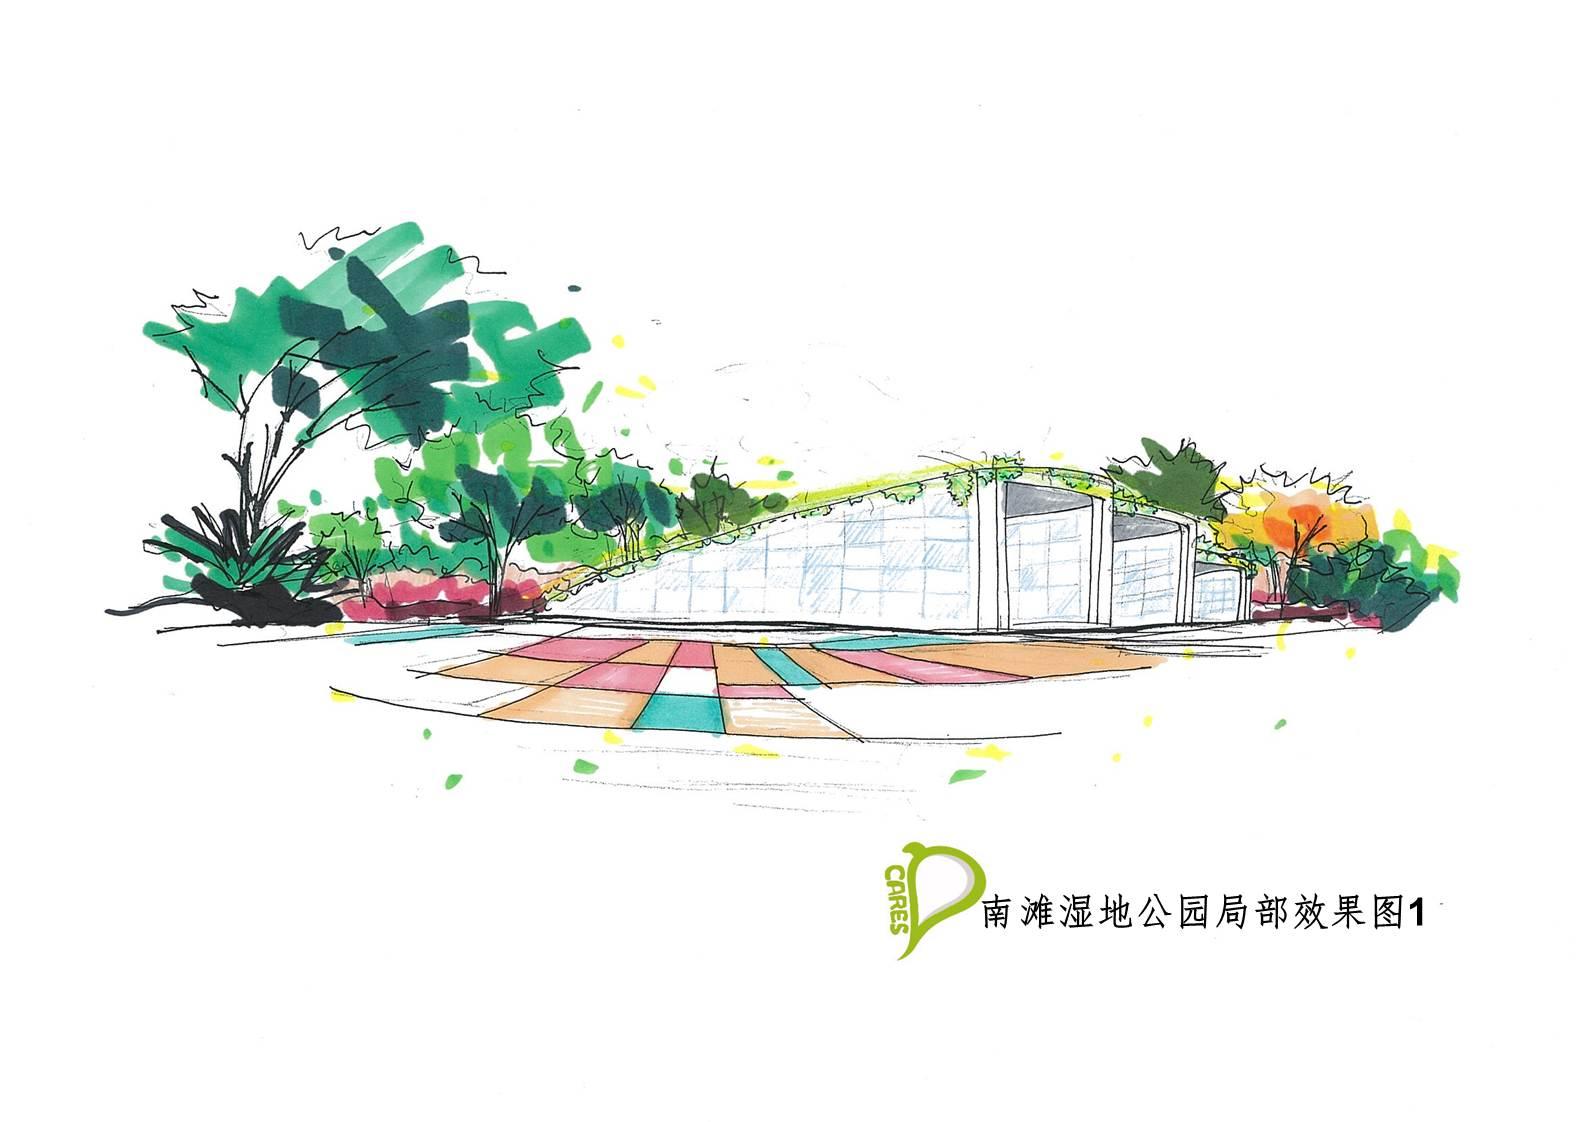 """上海-2013年""""现代杯""""上海大学生创意设计大赛- - 设计图片"""